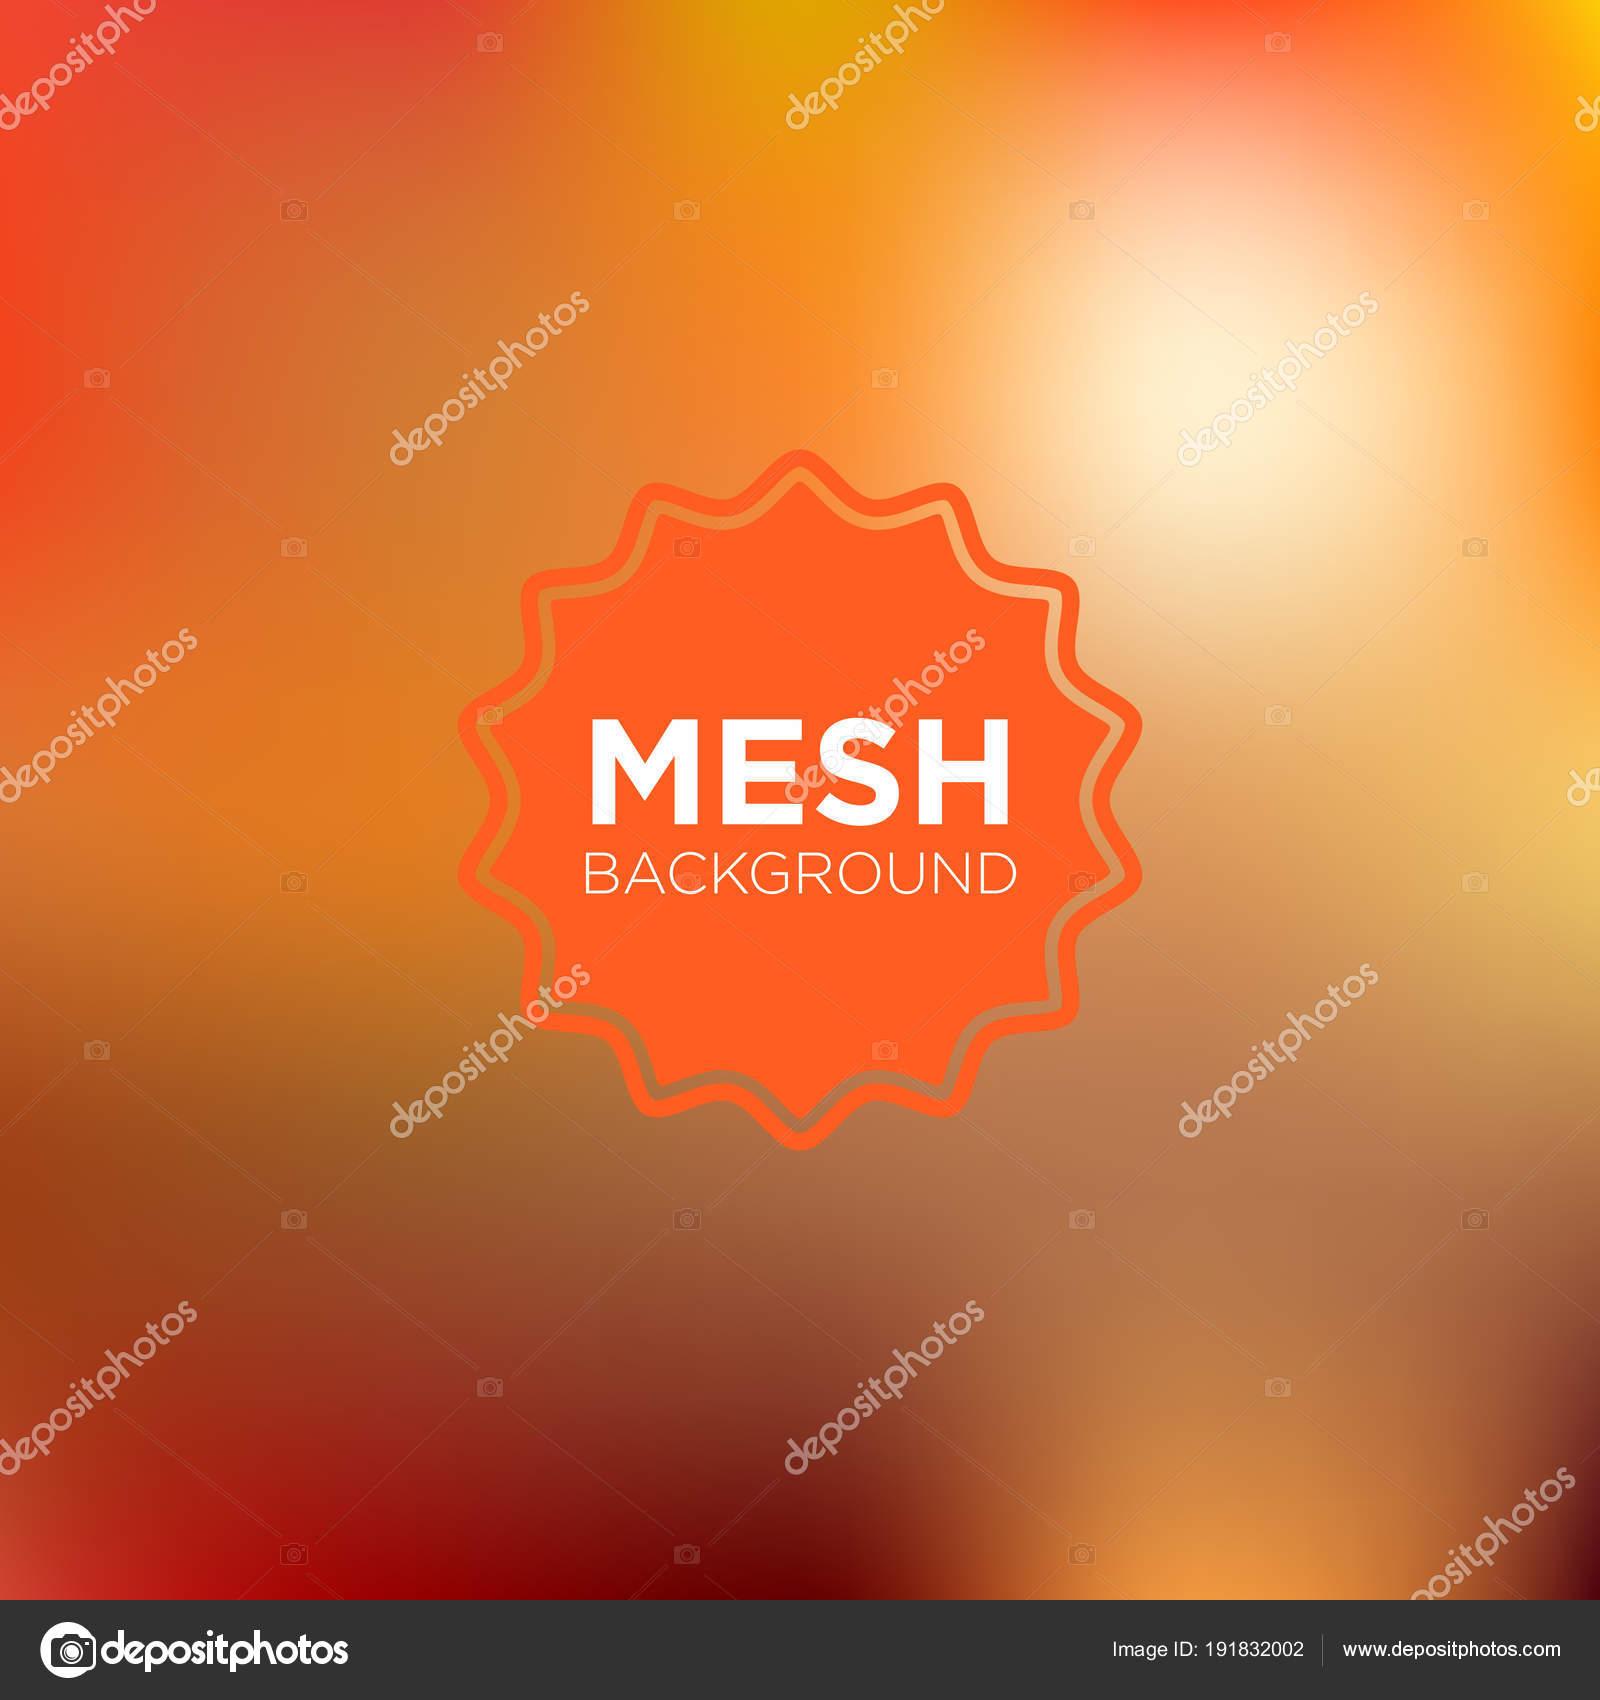 Netz Hintergrunde Im Herbst Farbpalette Stockvektor C Dxinerz